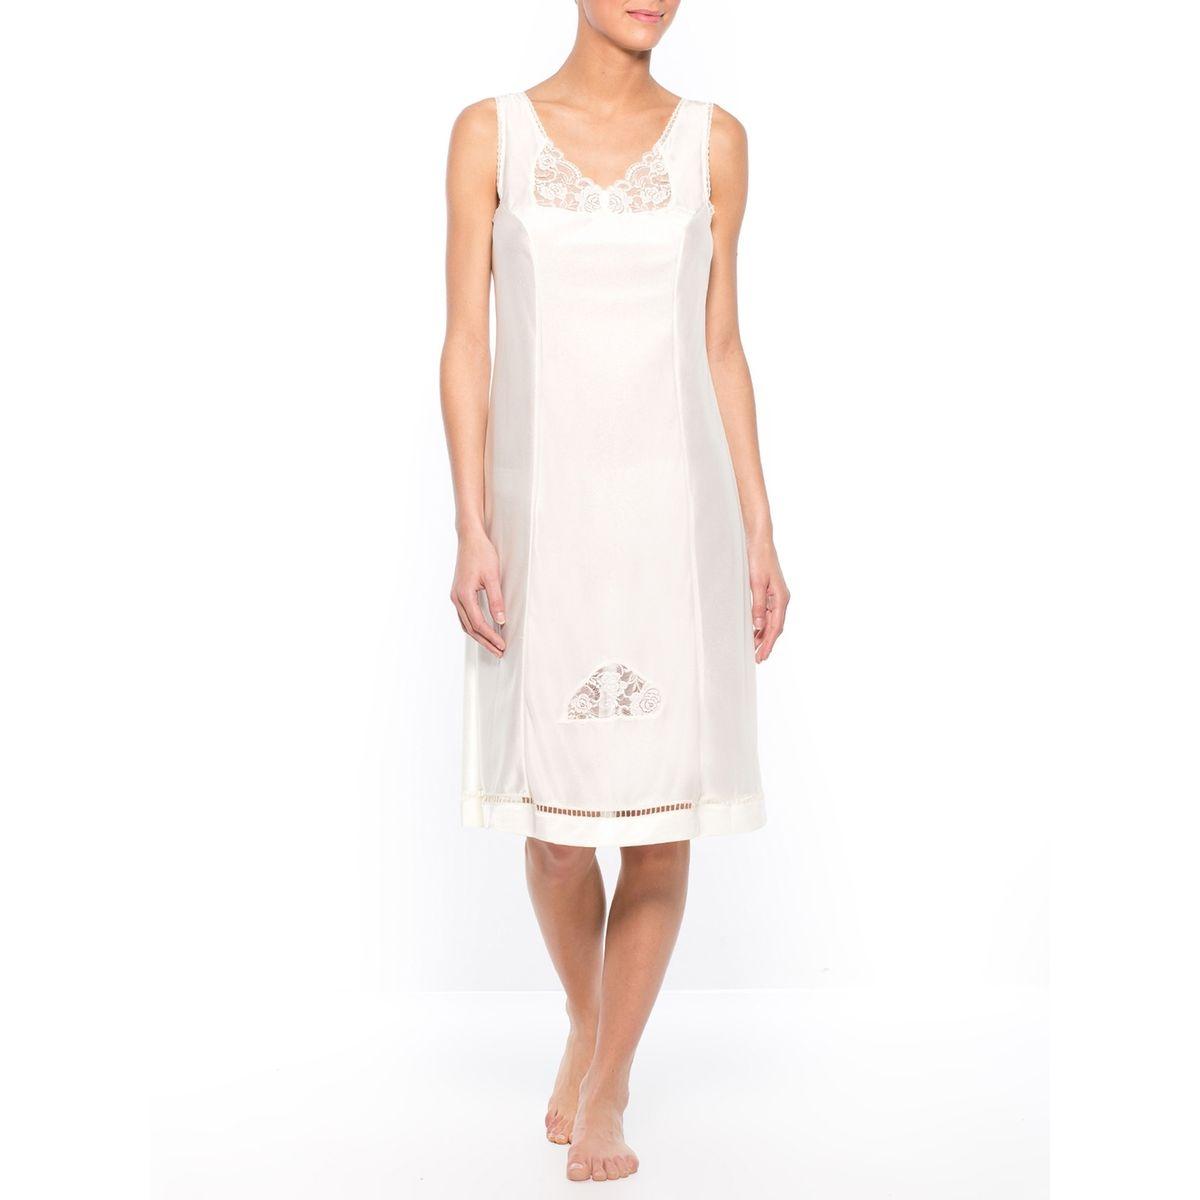 Fond de robe maille satinée, longueur 105cm